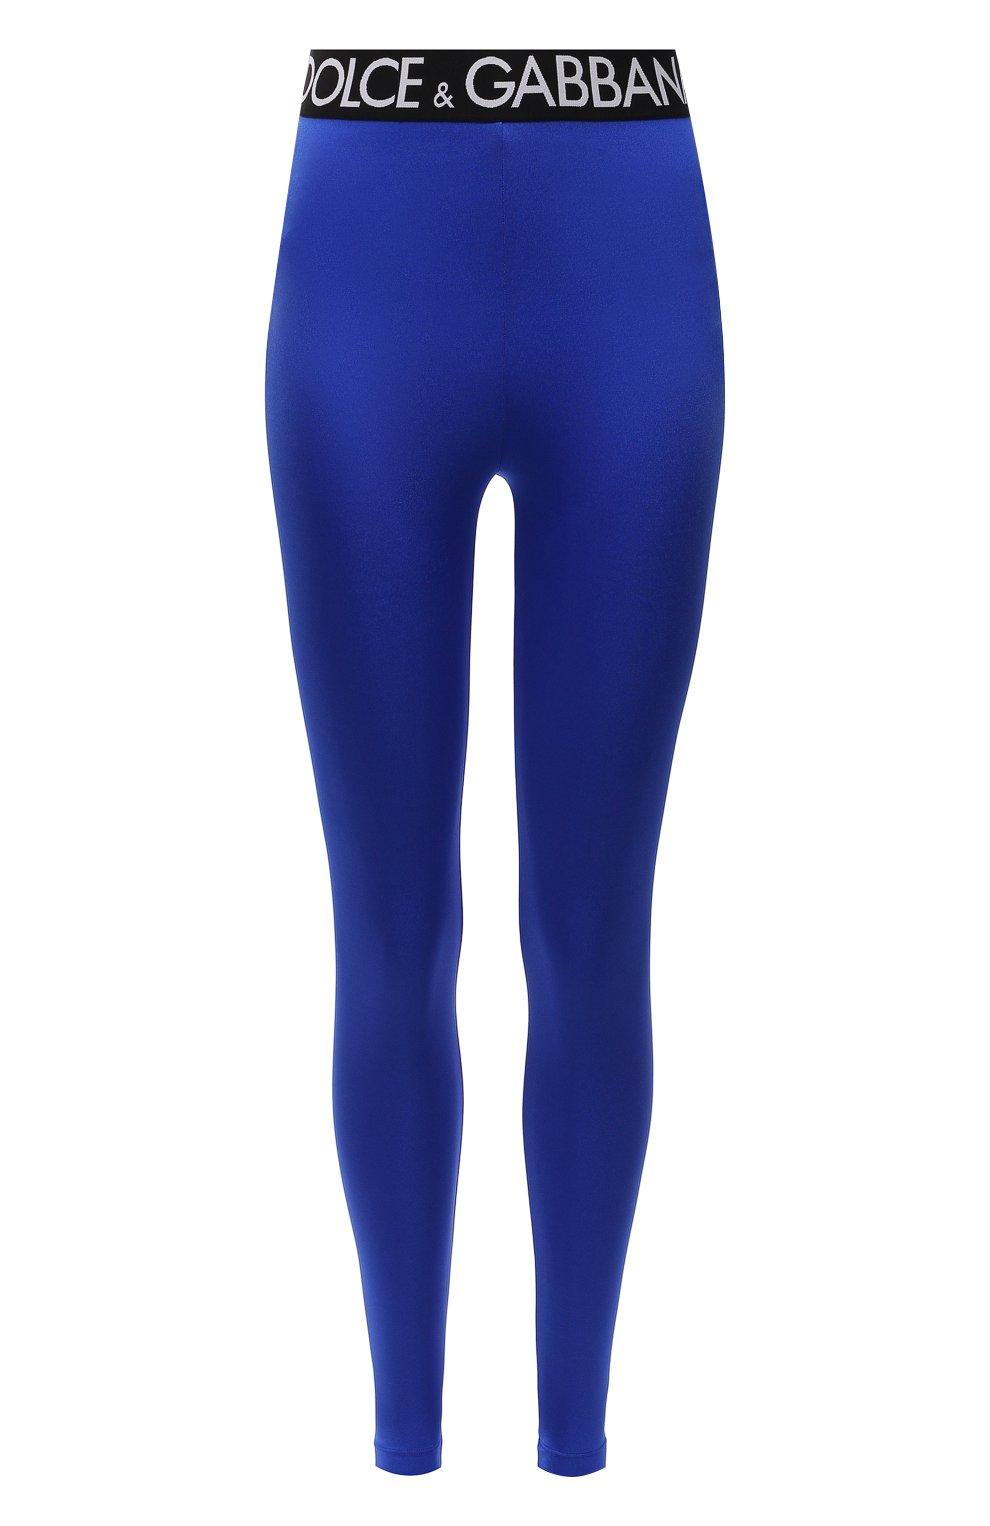 Женские леггинсы DOLCE & GABBANA синего цвета, арт. FTB5TT/FUGLG | Фото 1 (Женское Кросс-КТ: Леггинсы-одежда, Леггинсы-спорт; Длина (брюки, джинсы): Стандартные; Кросс-КТ: Спорт; Материал внешний: Синтетический материал; Стили: Спорт-шик)